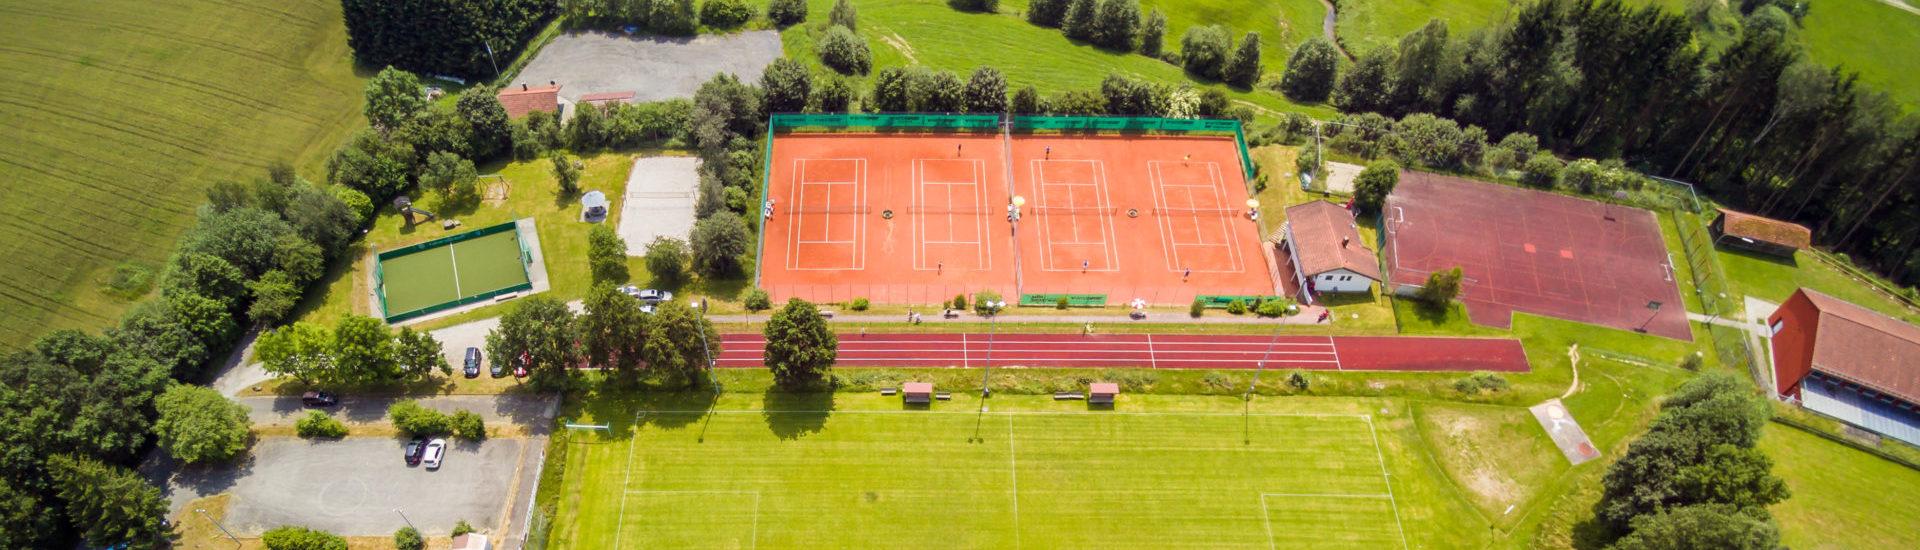 Der Rinchnacher Sportplatz von oben